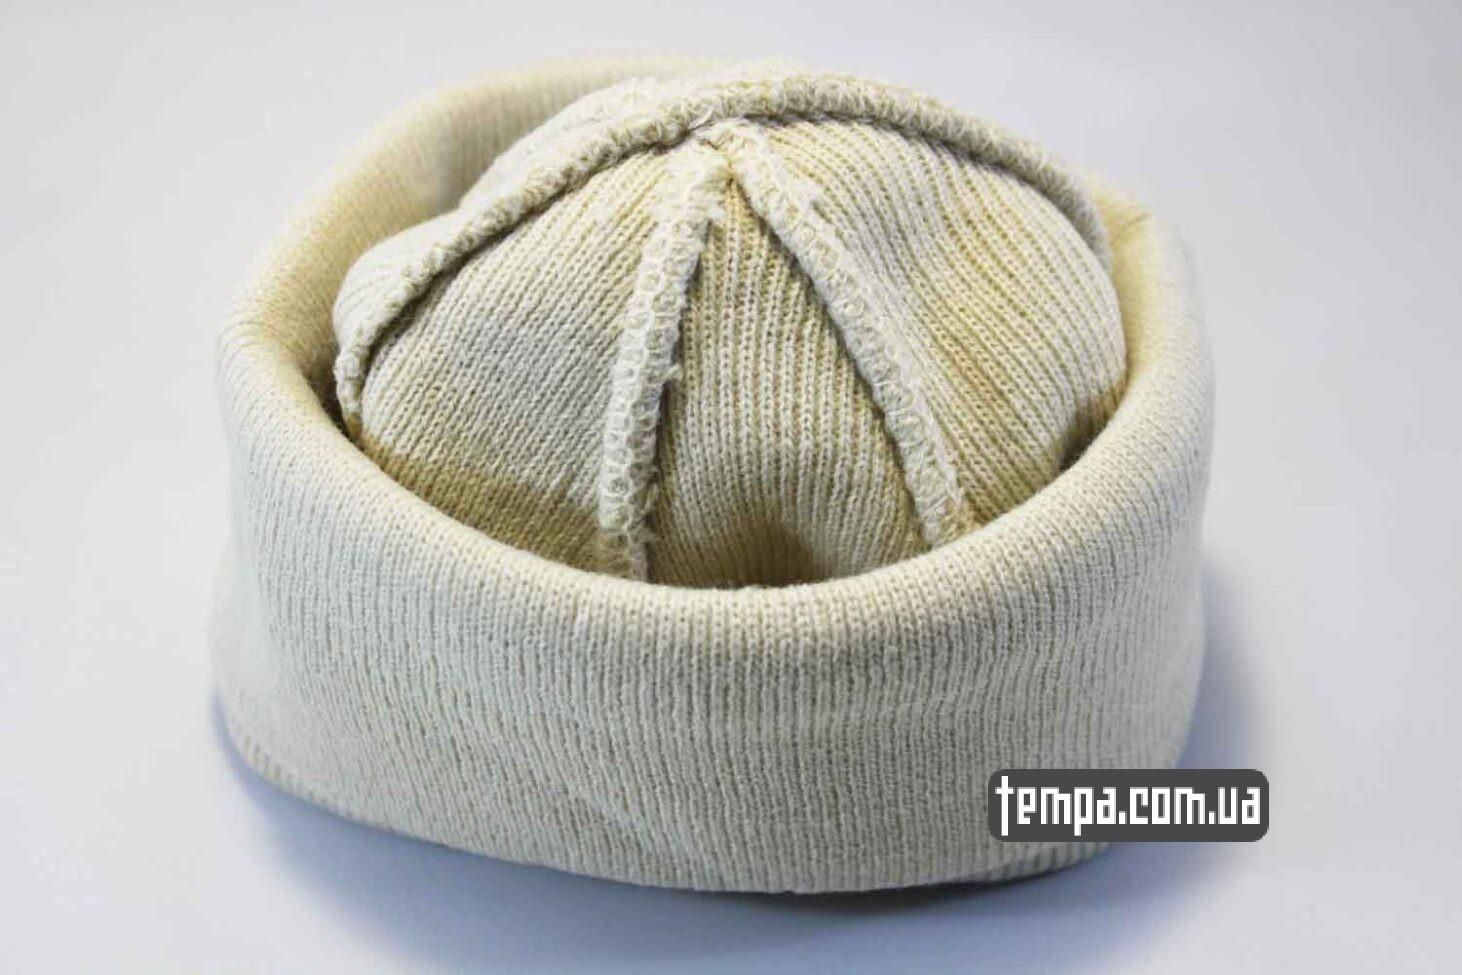 оиригнальная бини украина шапка beanie чисто белая однотонная без логотипов ASOS HM